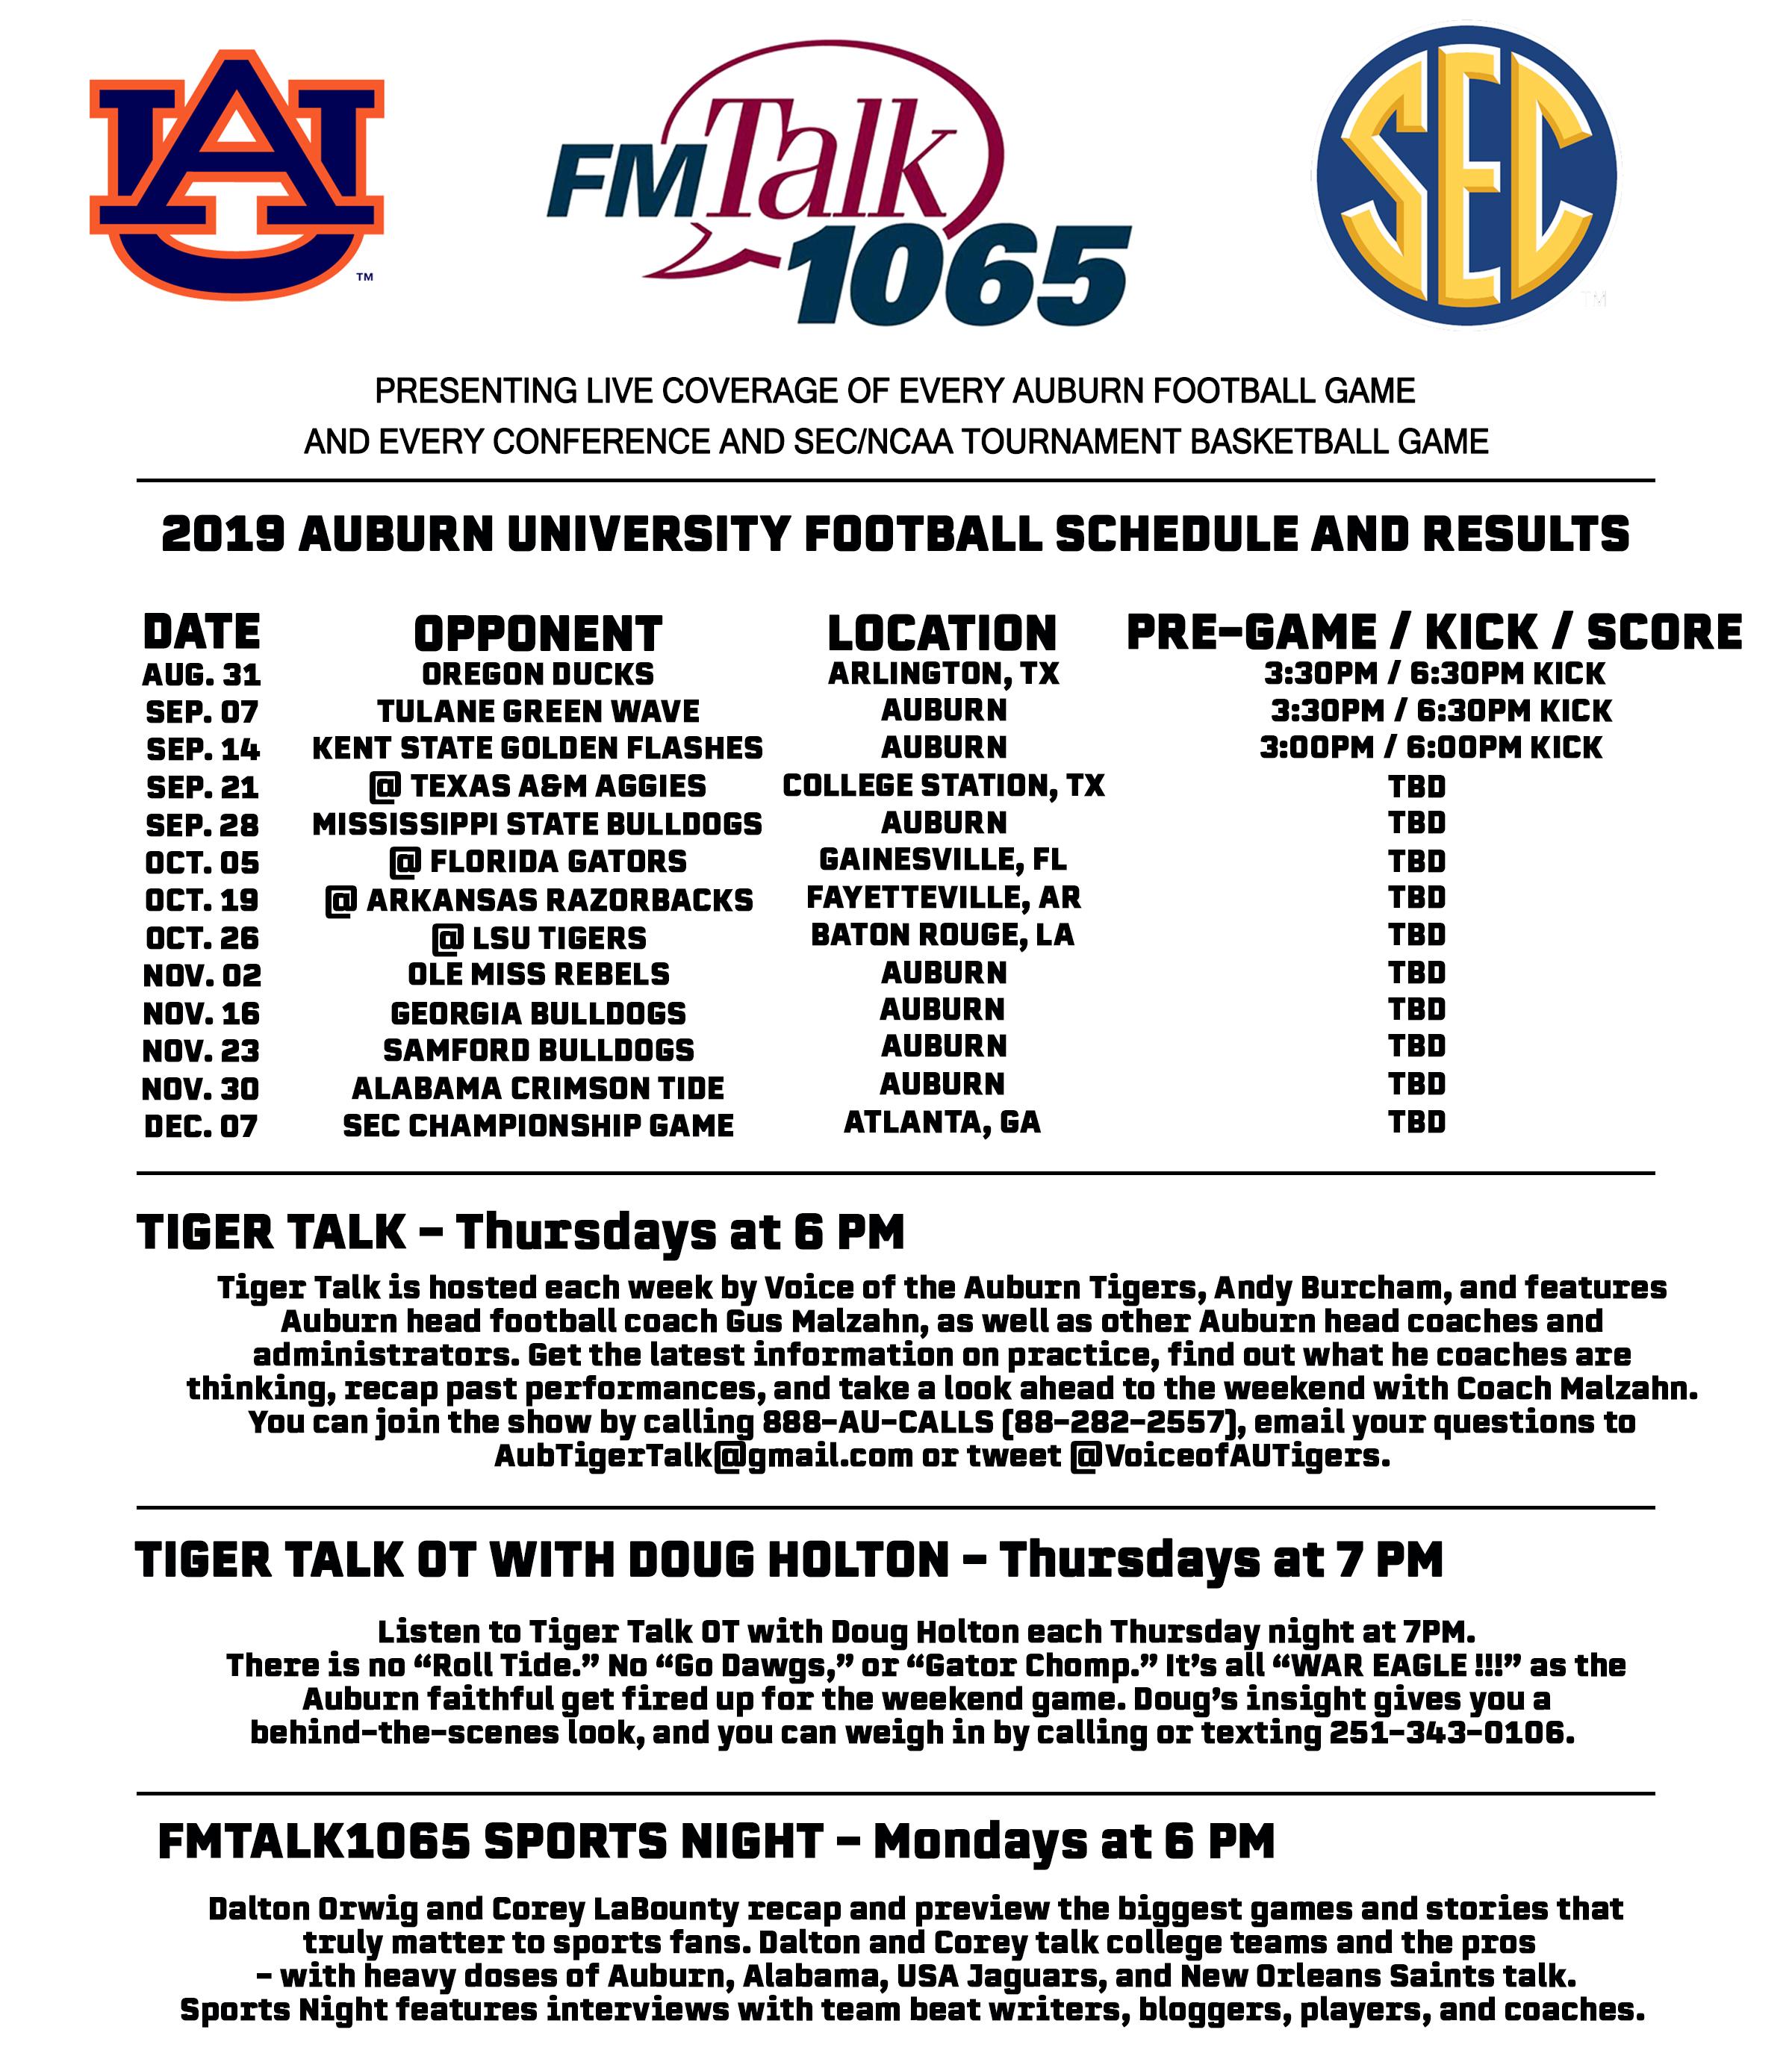 Auburn Sports - FM Talk 1065